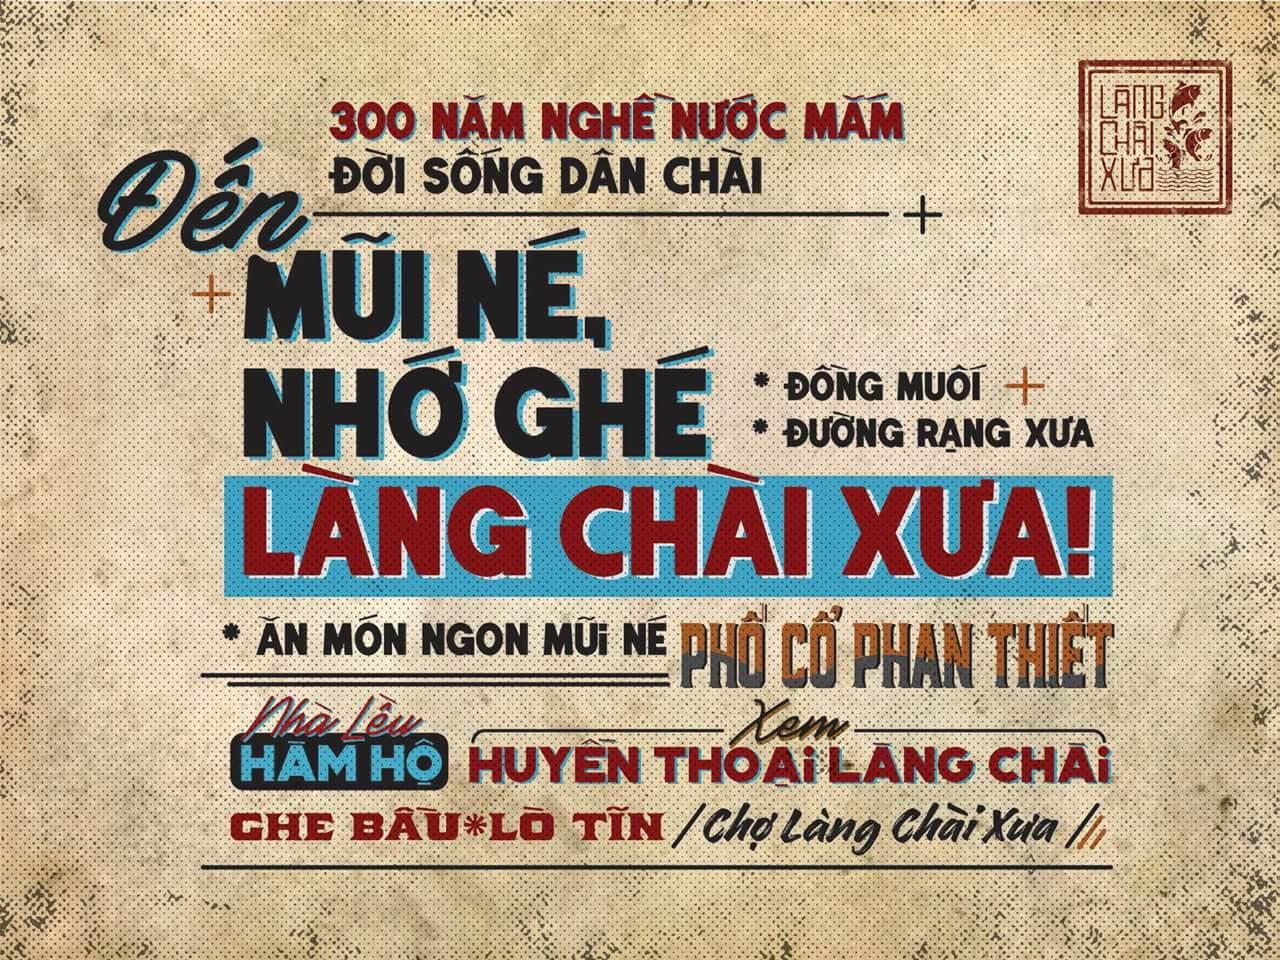 lang-chai-xua-mui-ne